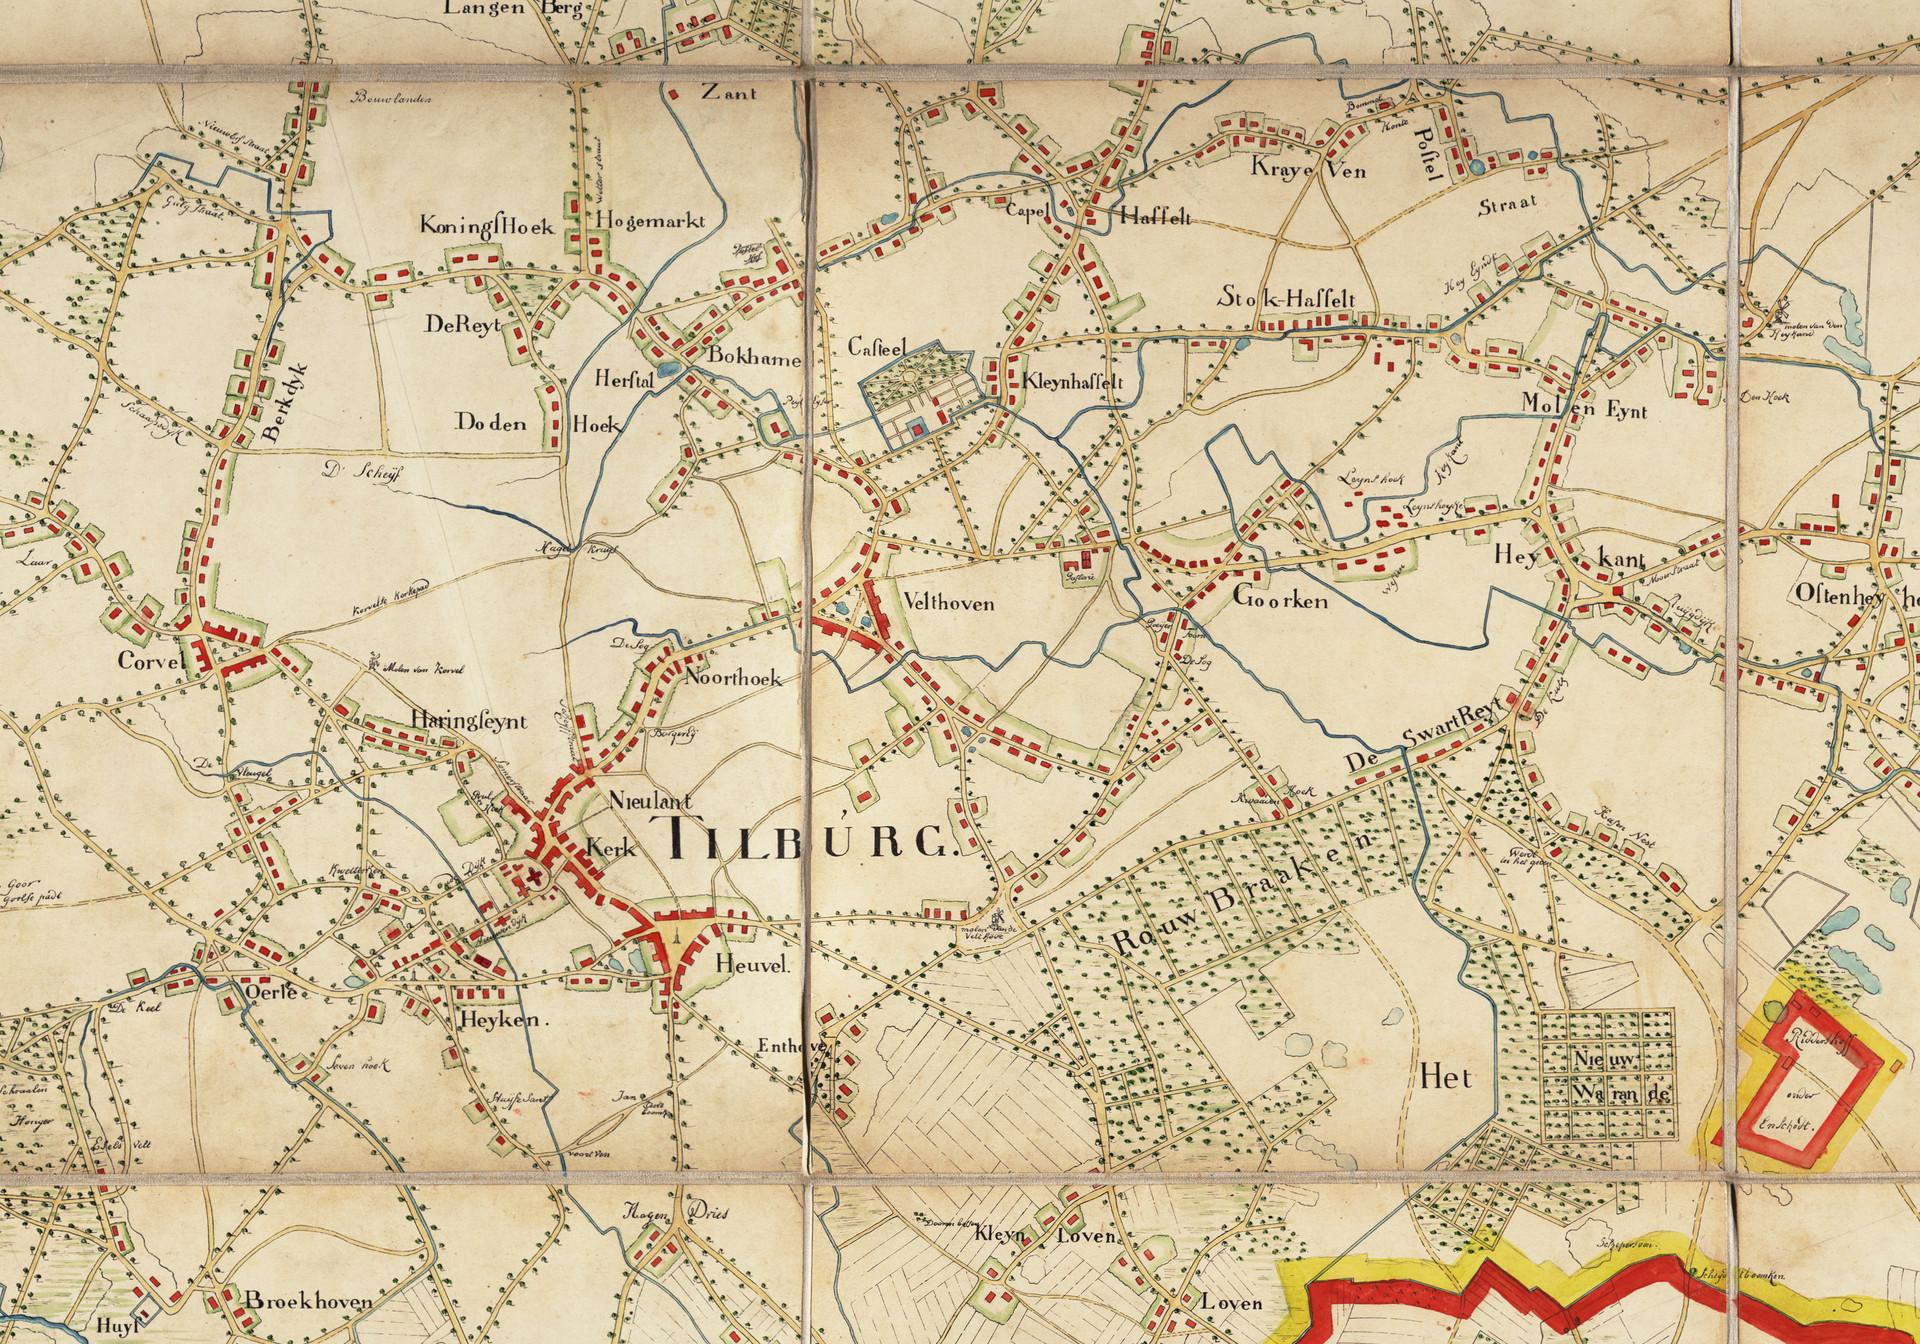 Tilburg verhees